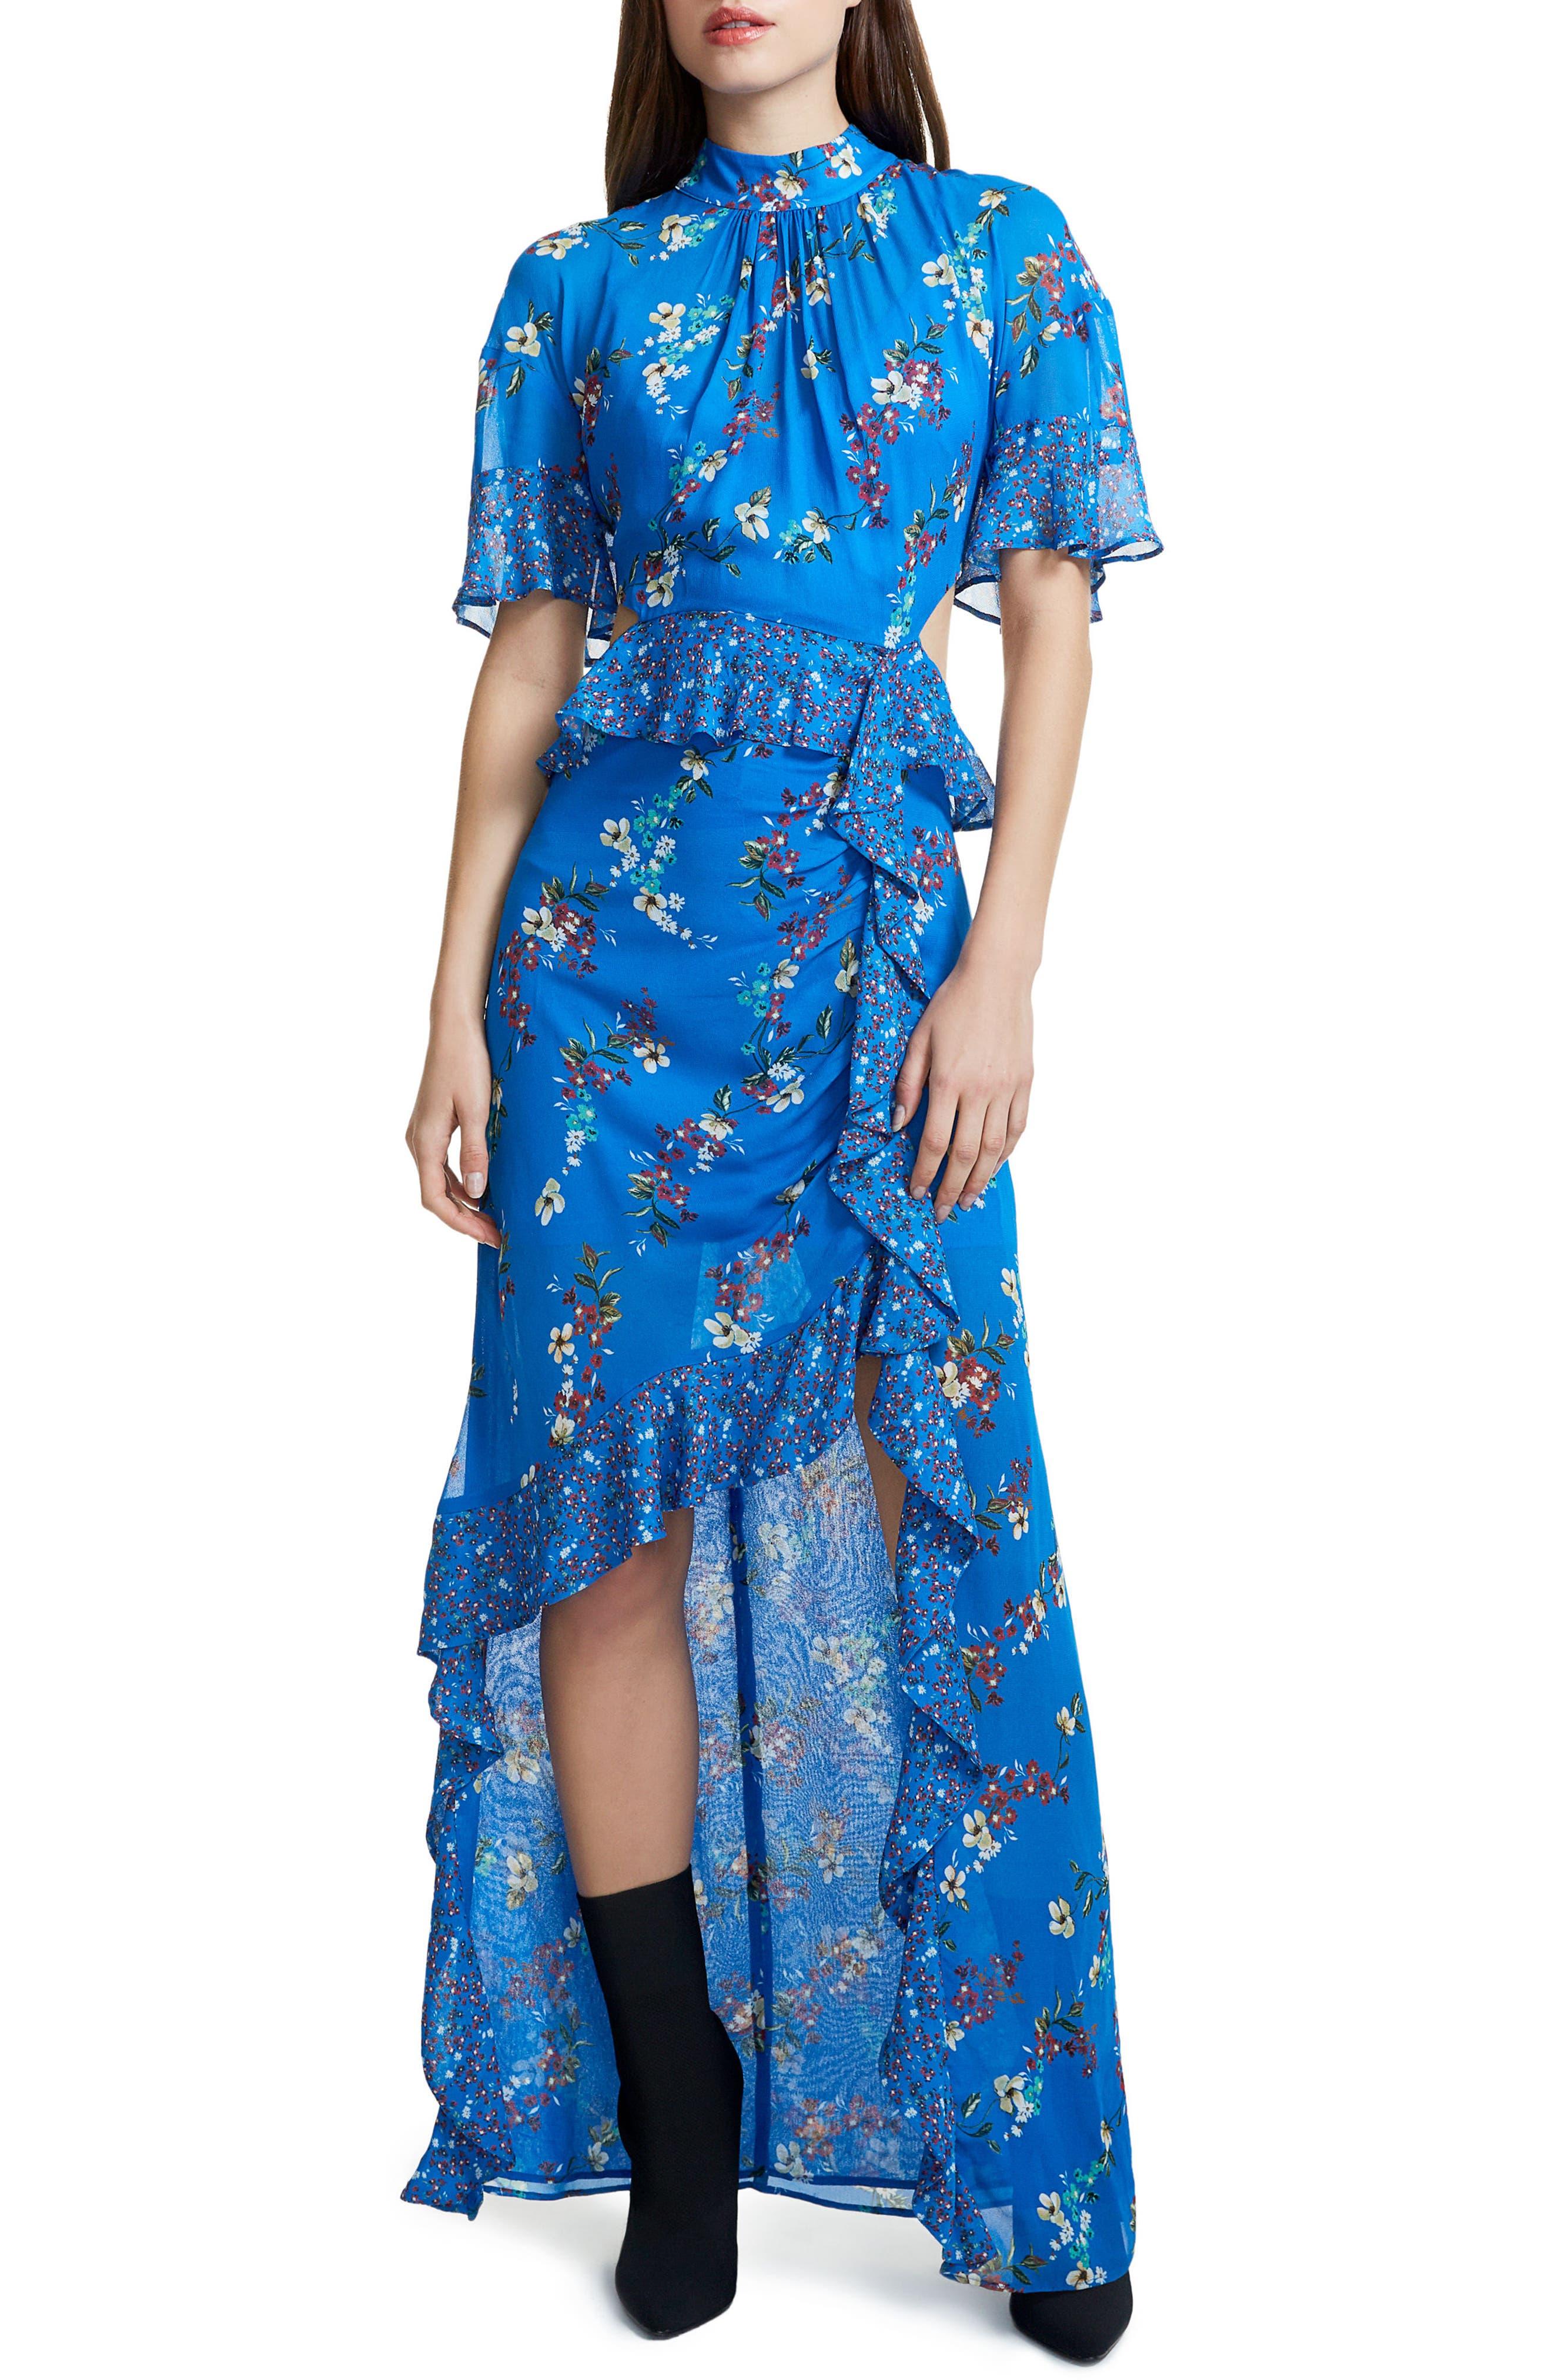 Melsa Cutout Maxi Dress,                         Main,                         color,